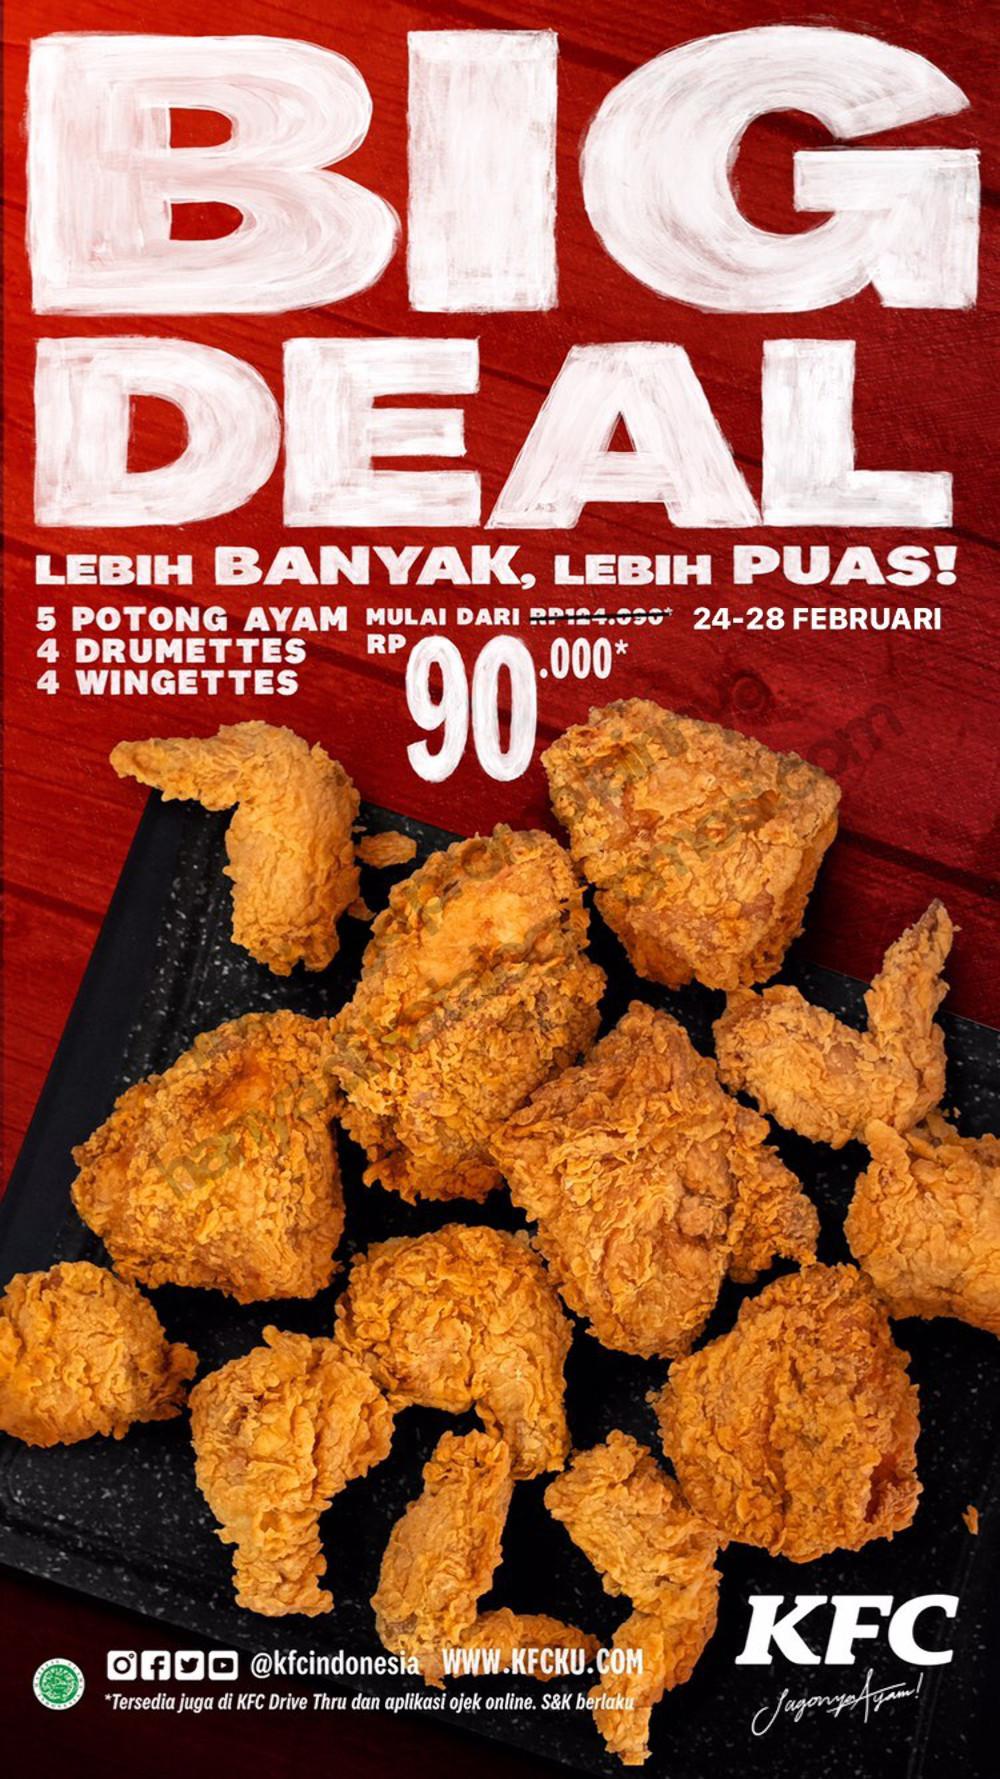 Promo KFC BIG DEAL - Beli 12 pcs ayam mulai Rp. 90.000 aja berlaku tanggal 24-28 Februari 2021